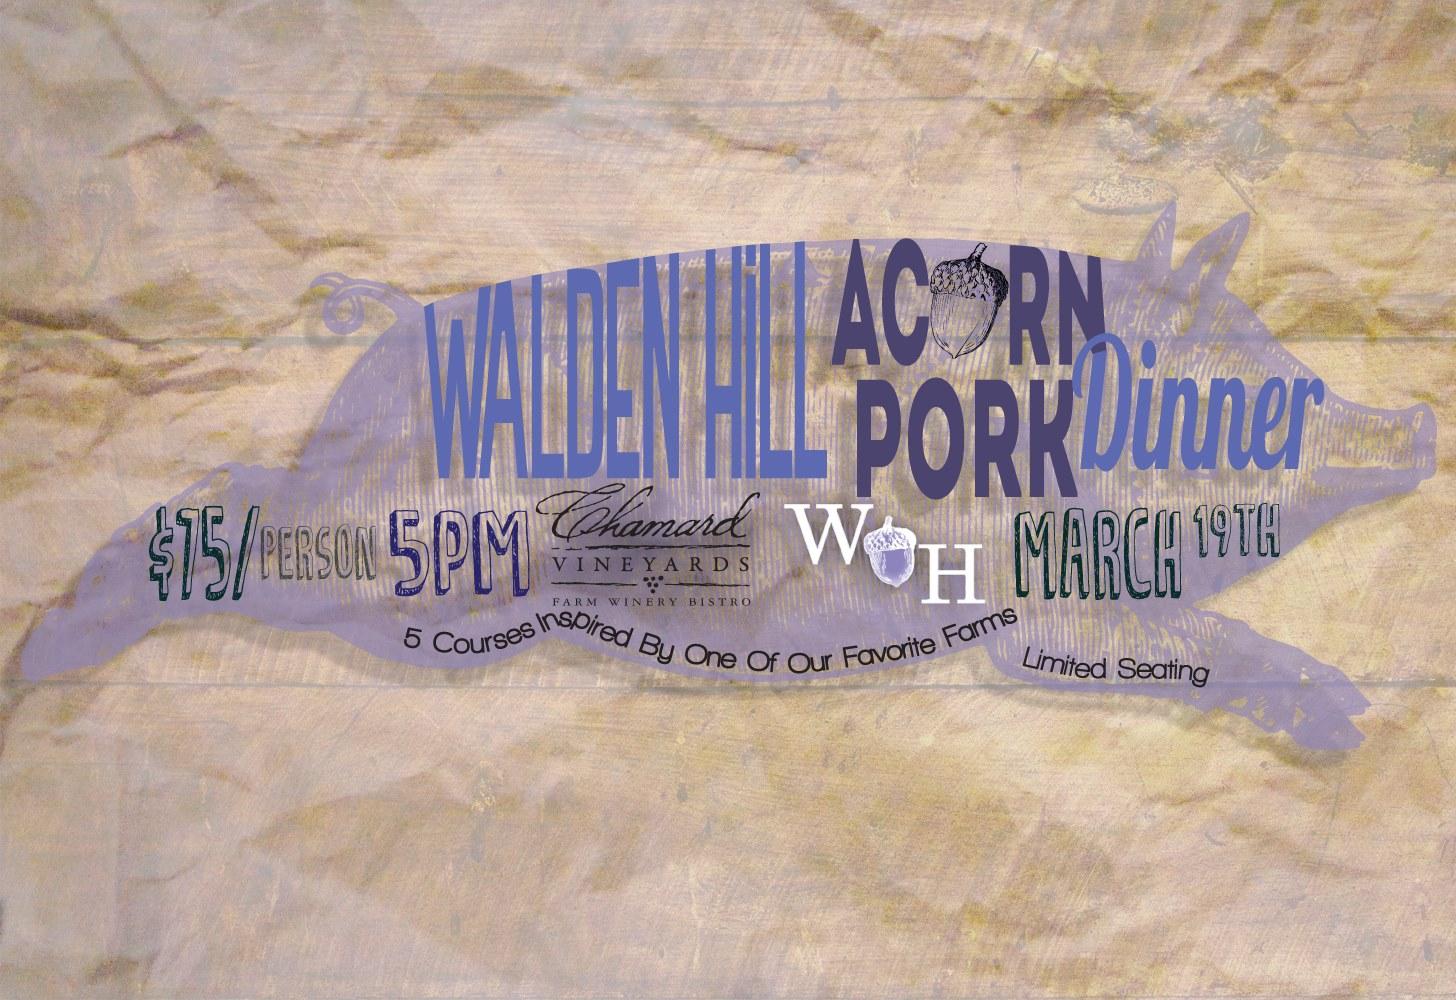 Chamard Vineyards Walden Hill Acorn Pork Dinner